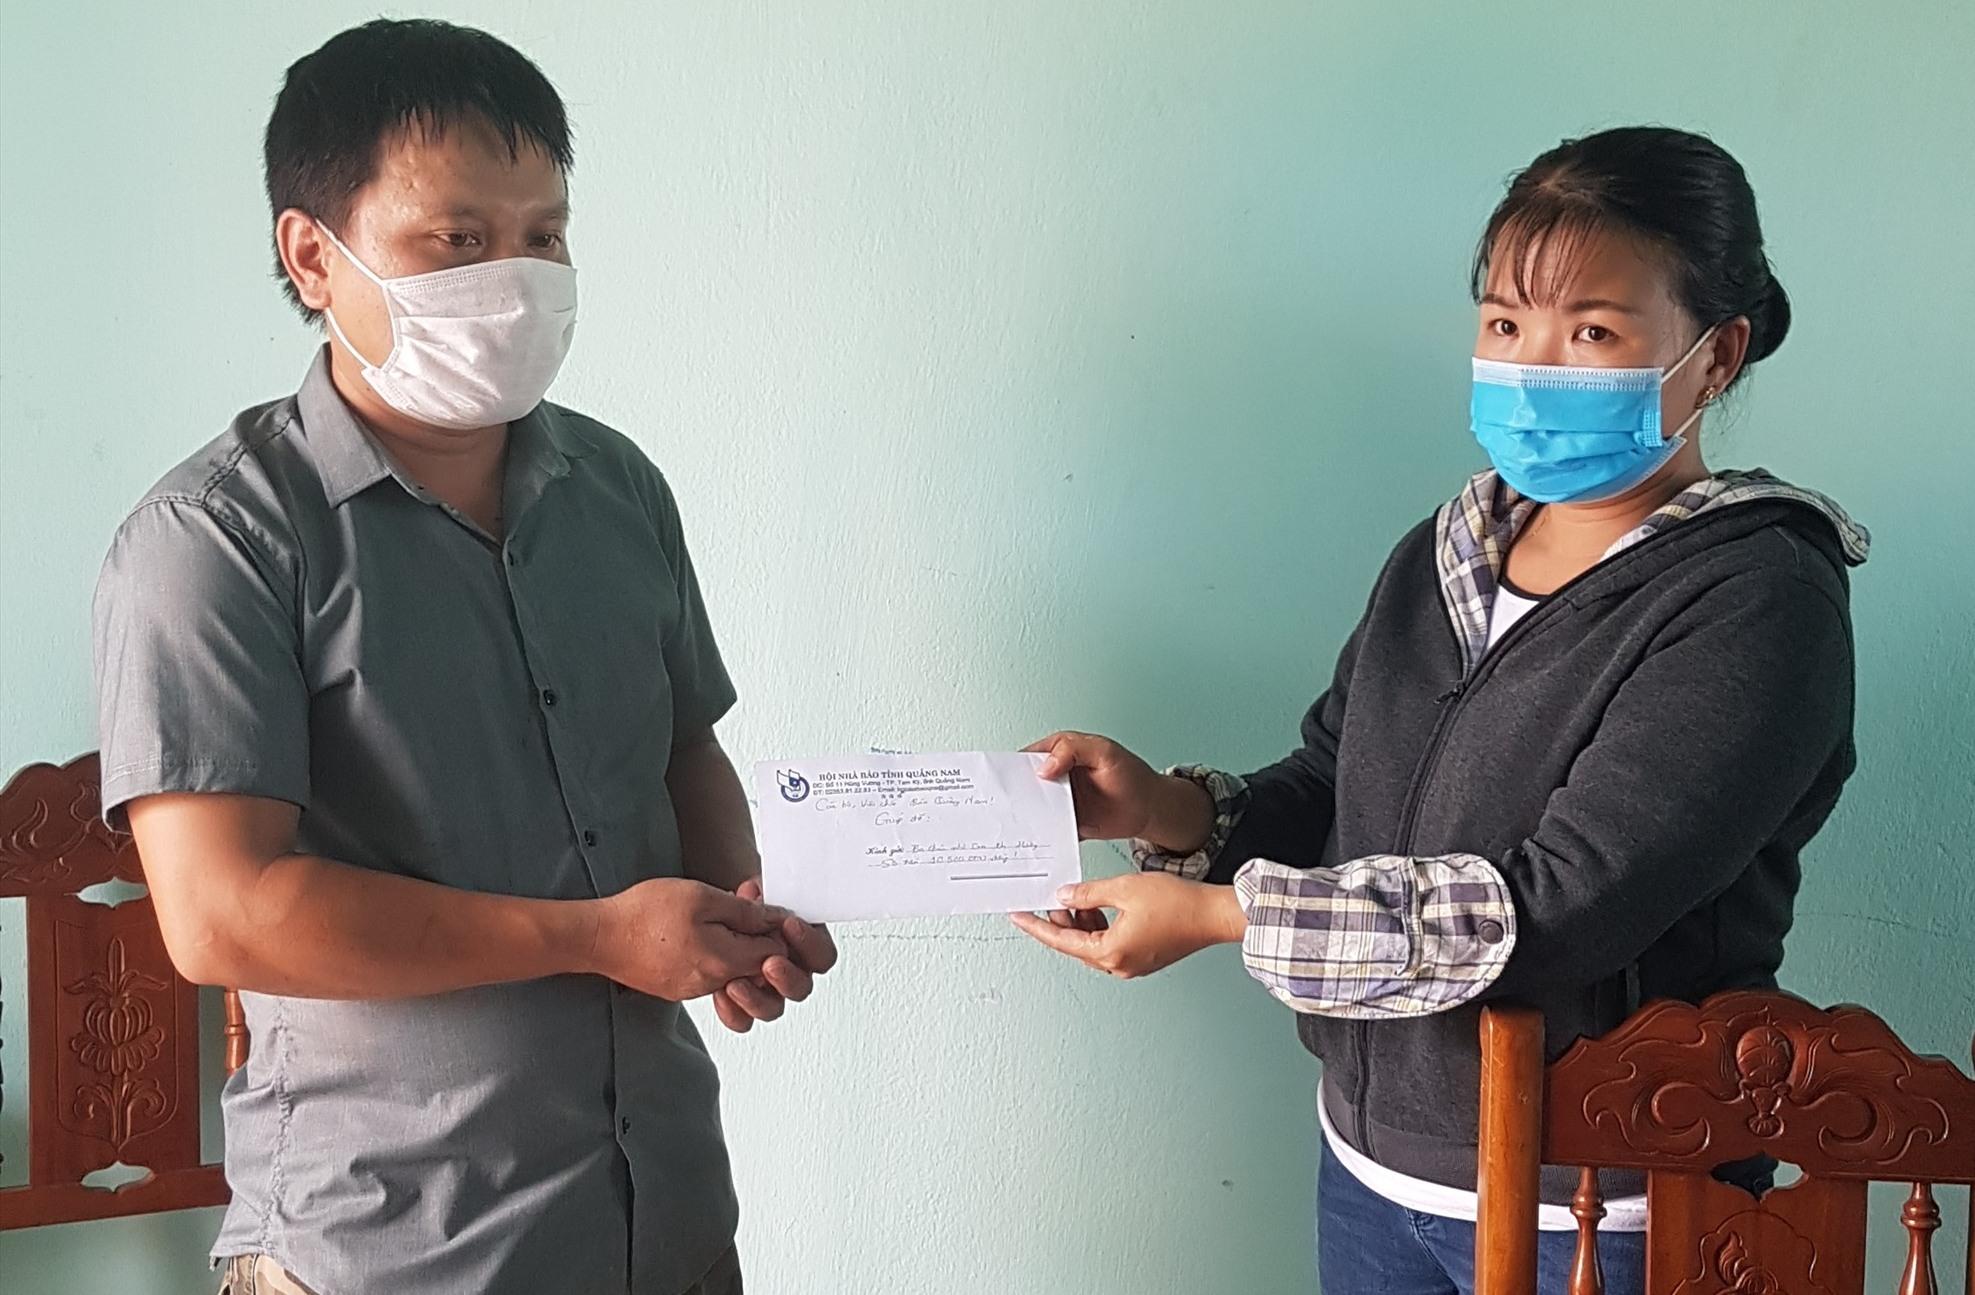 Đại diện Báo Quảng Nam trao tiền hỗ trợ ba cháu nhỏ mồ côi cho đại diện gia đình tại Tổ tiếp nhận cứu trợ xã Tiên Cảnh.